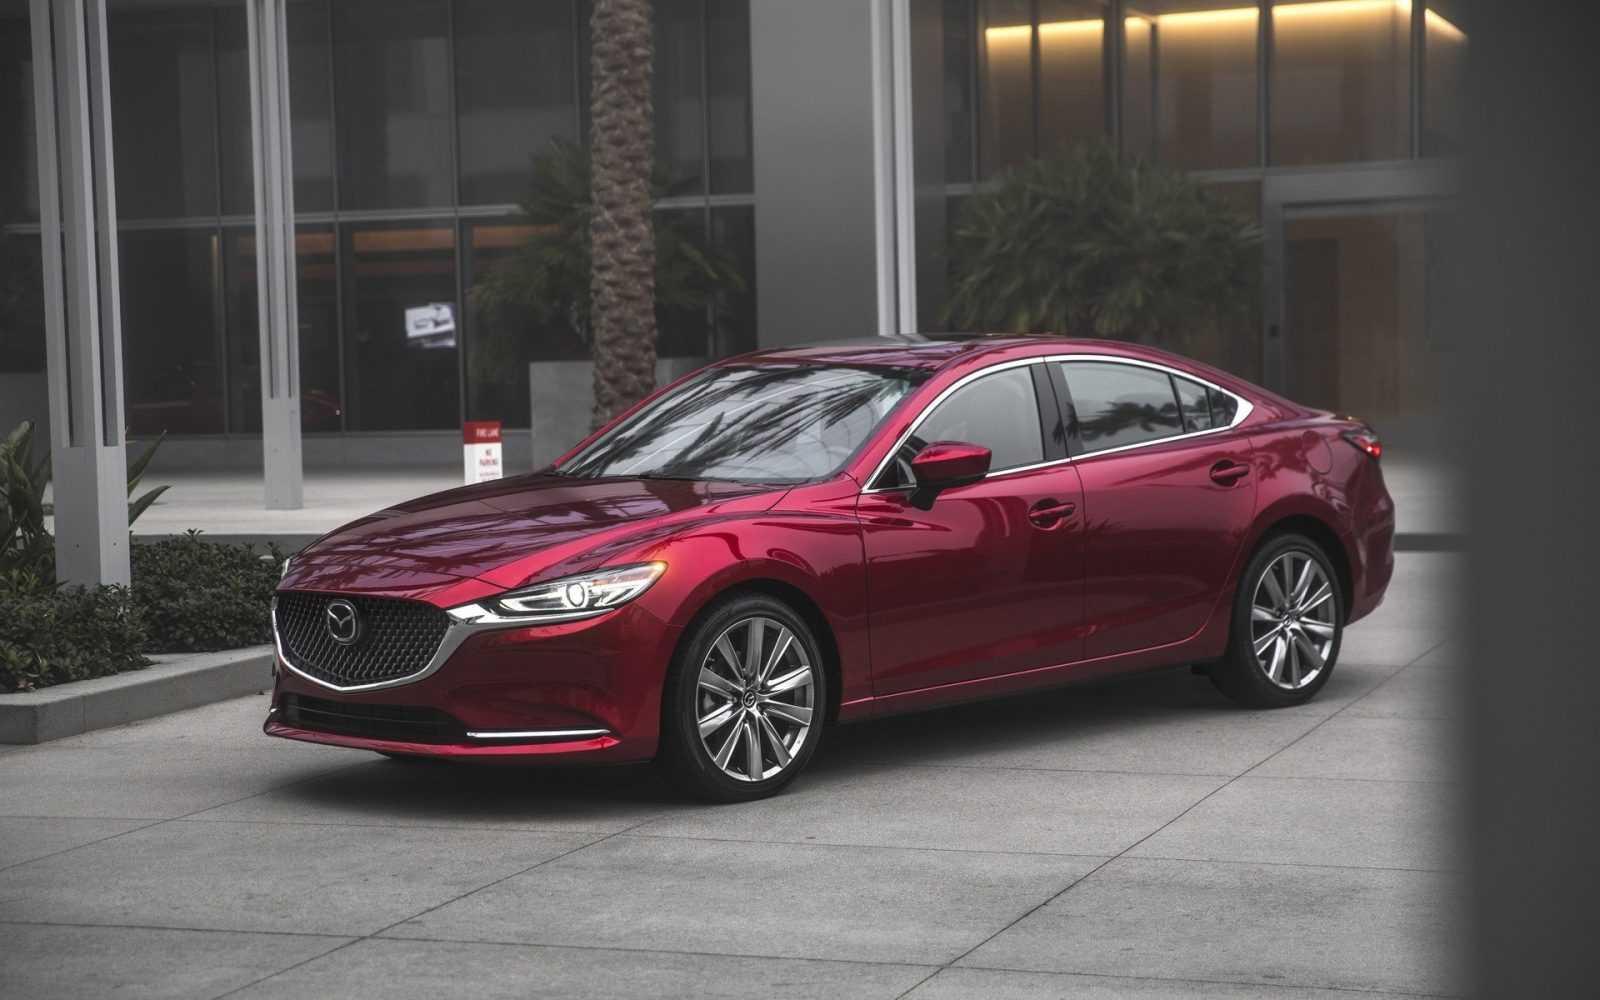 Mazda mazda6 2-й рестайлинг 2019, 2020, 2021, седан, 3 поколение технические характеристики и комплектации